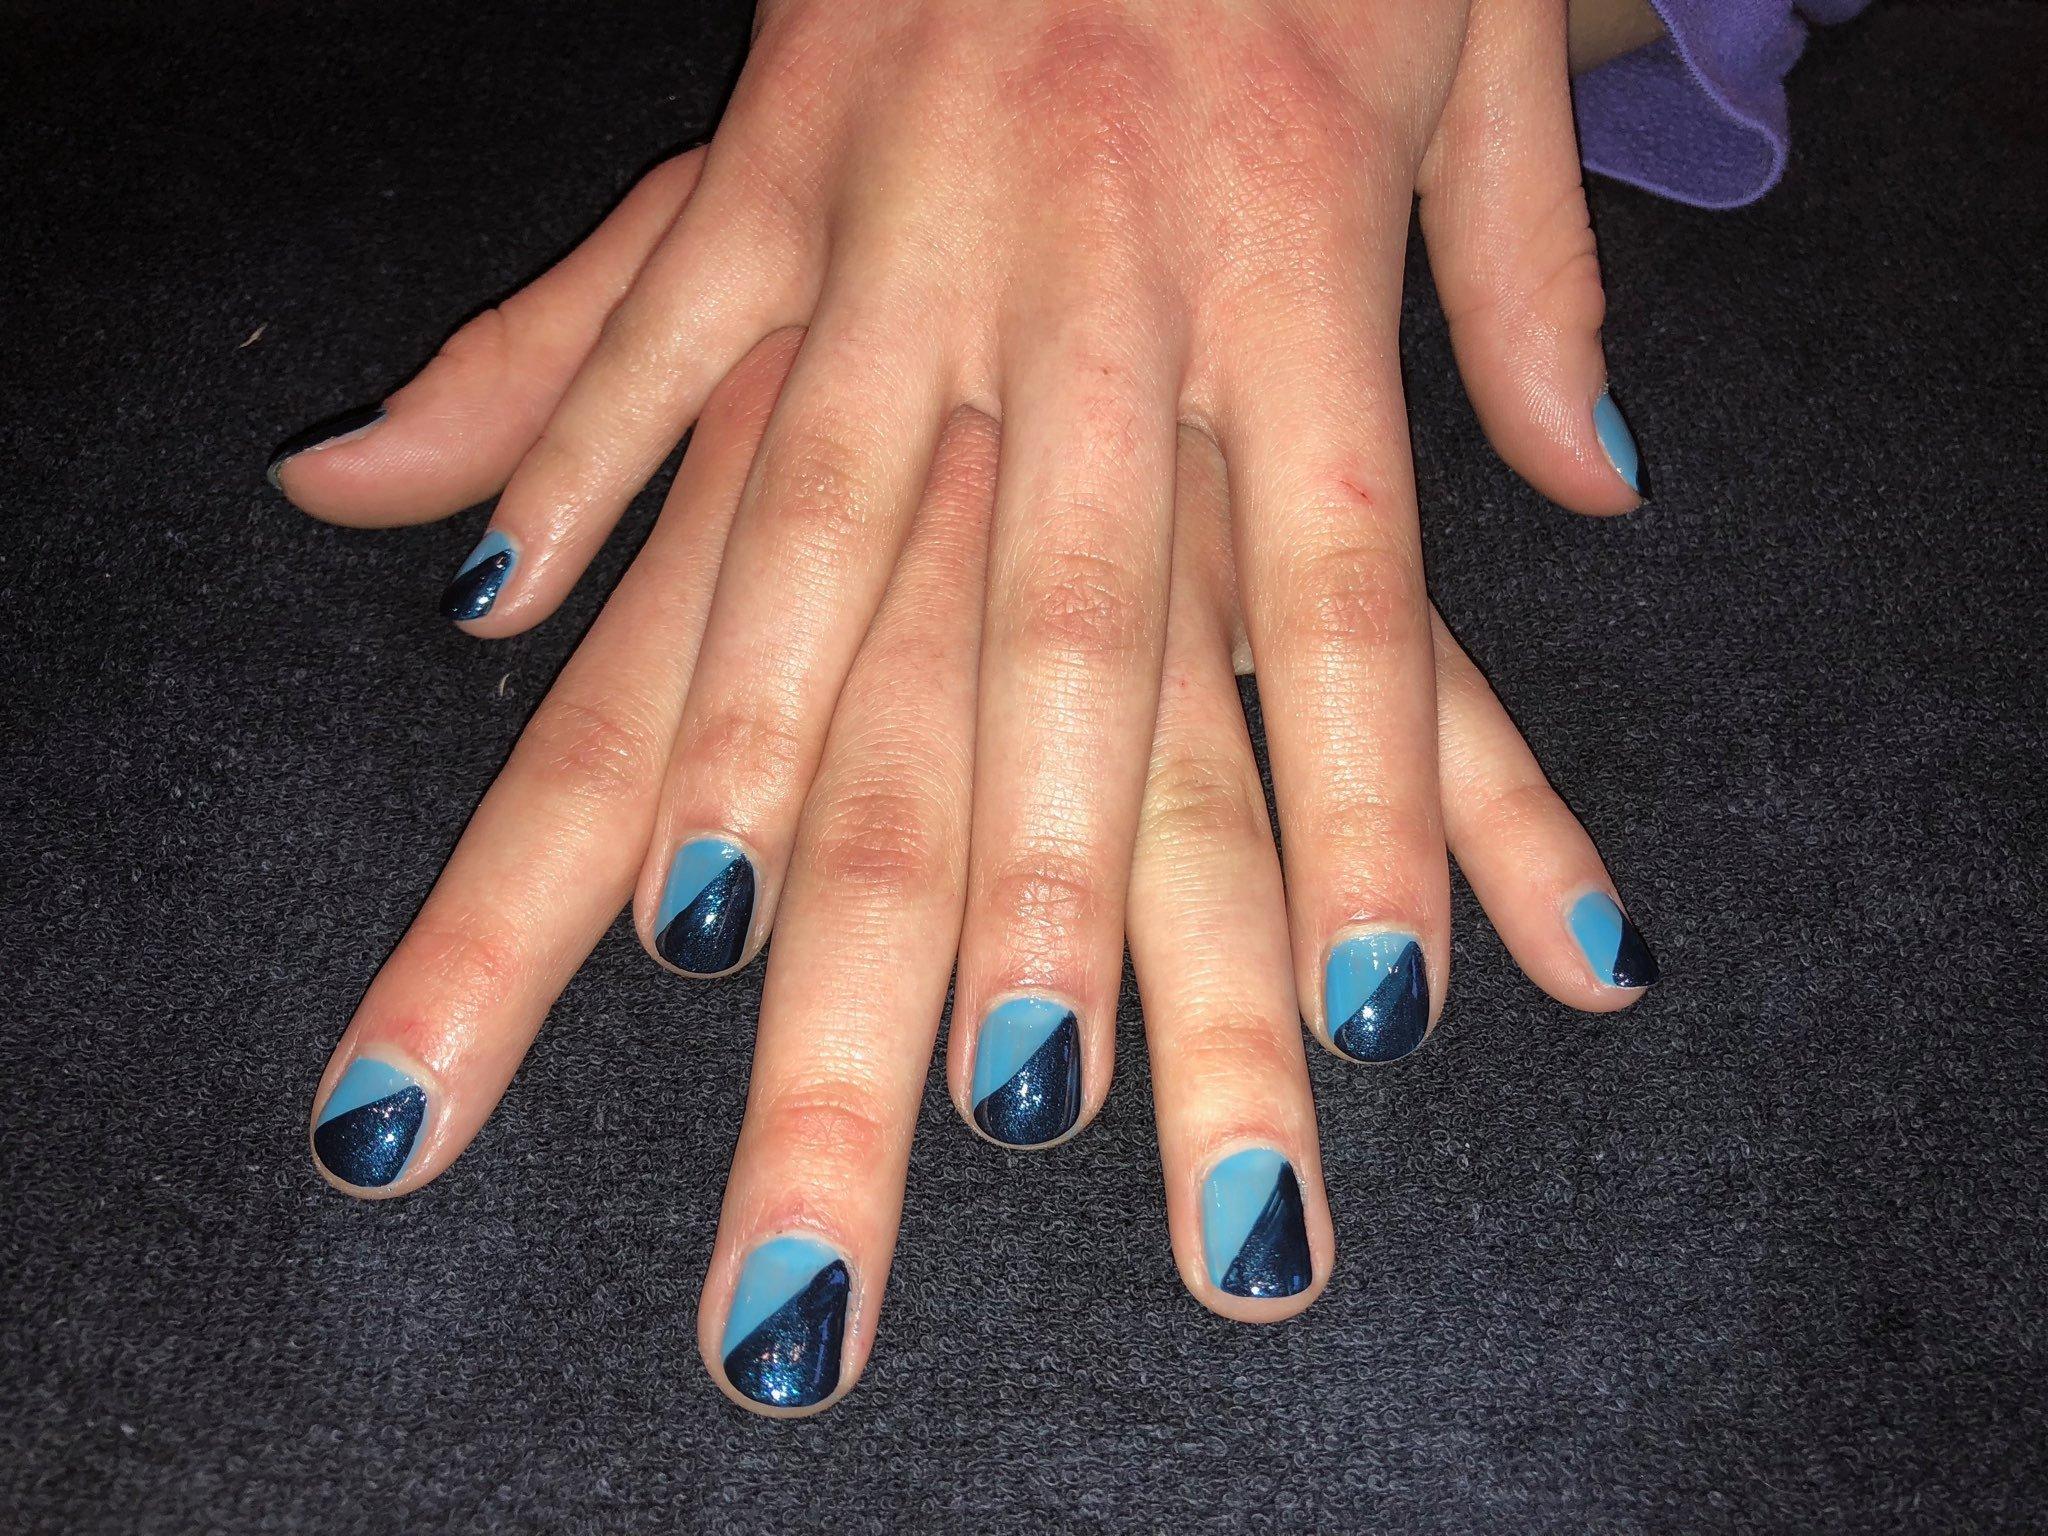 Nail Design By Susan Bella Salon And Spa